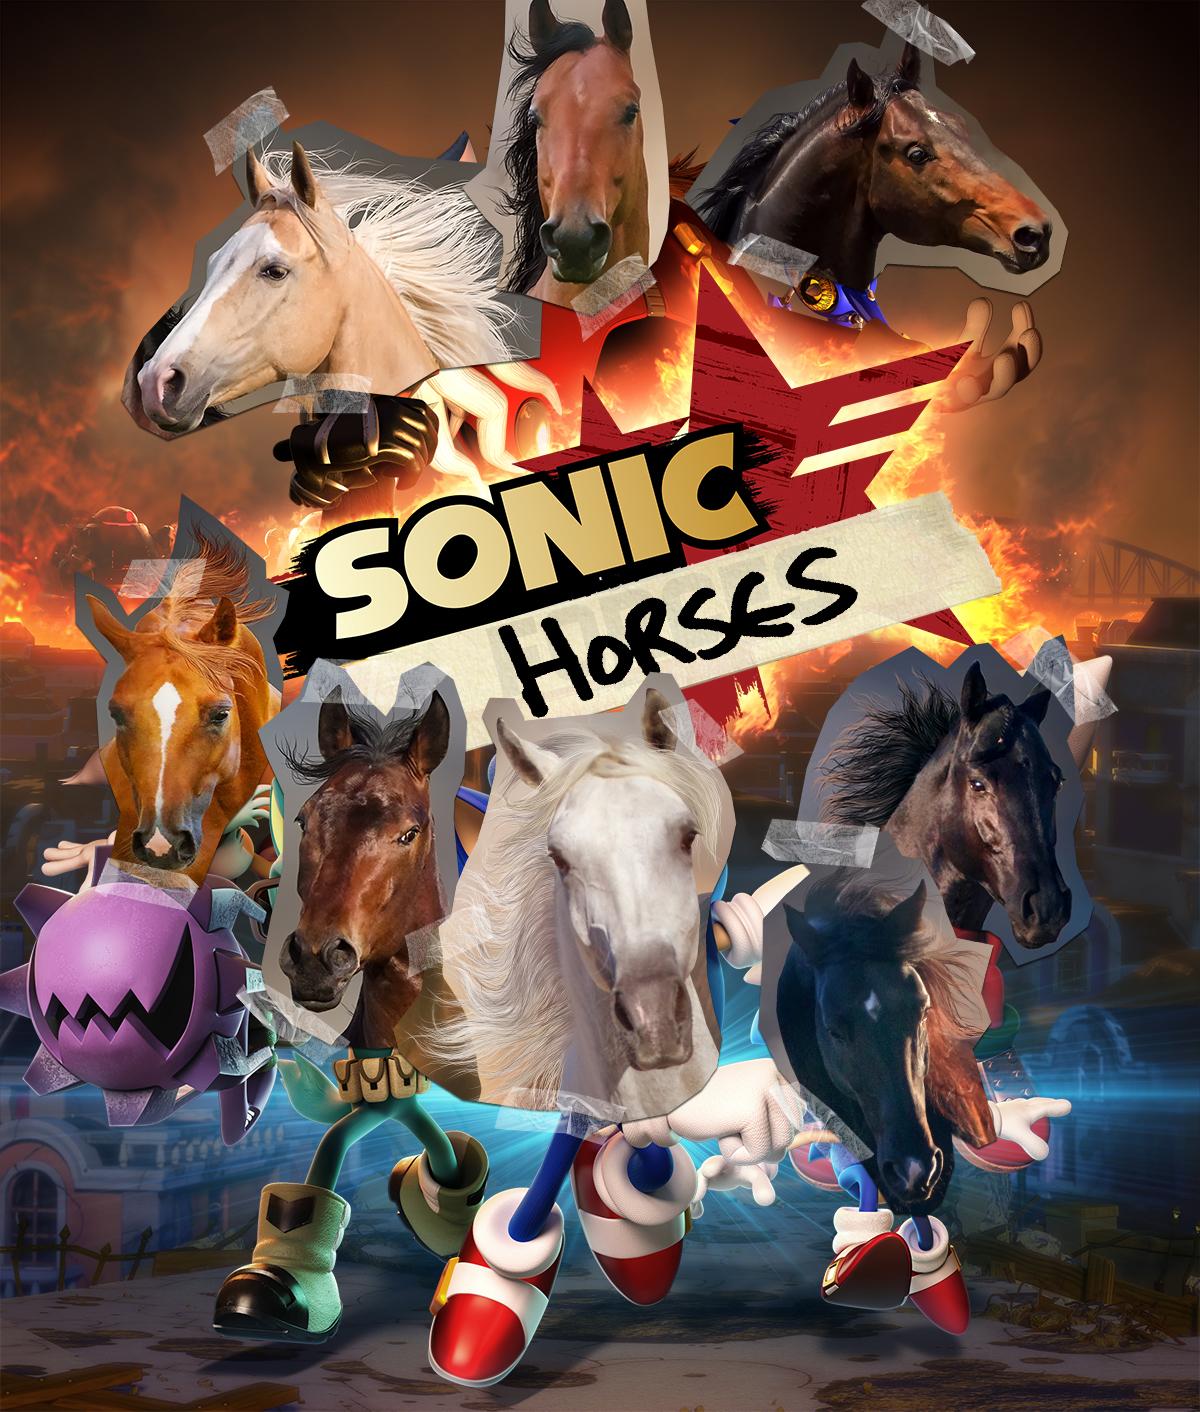 Sonic_Horses